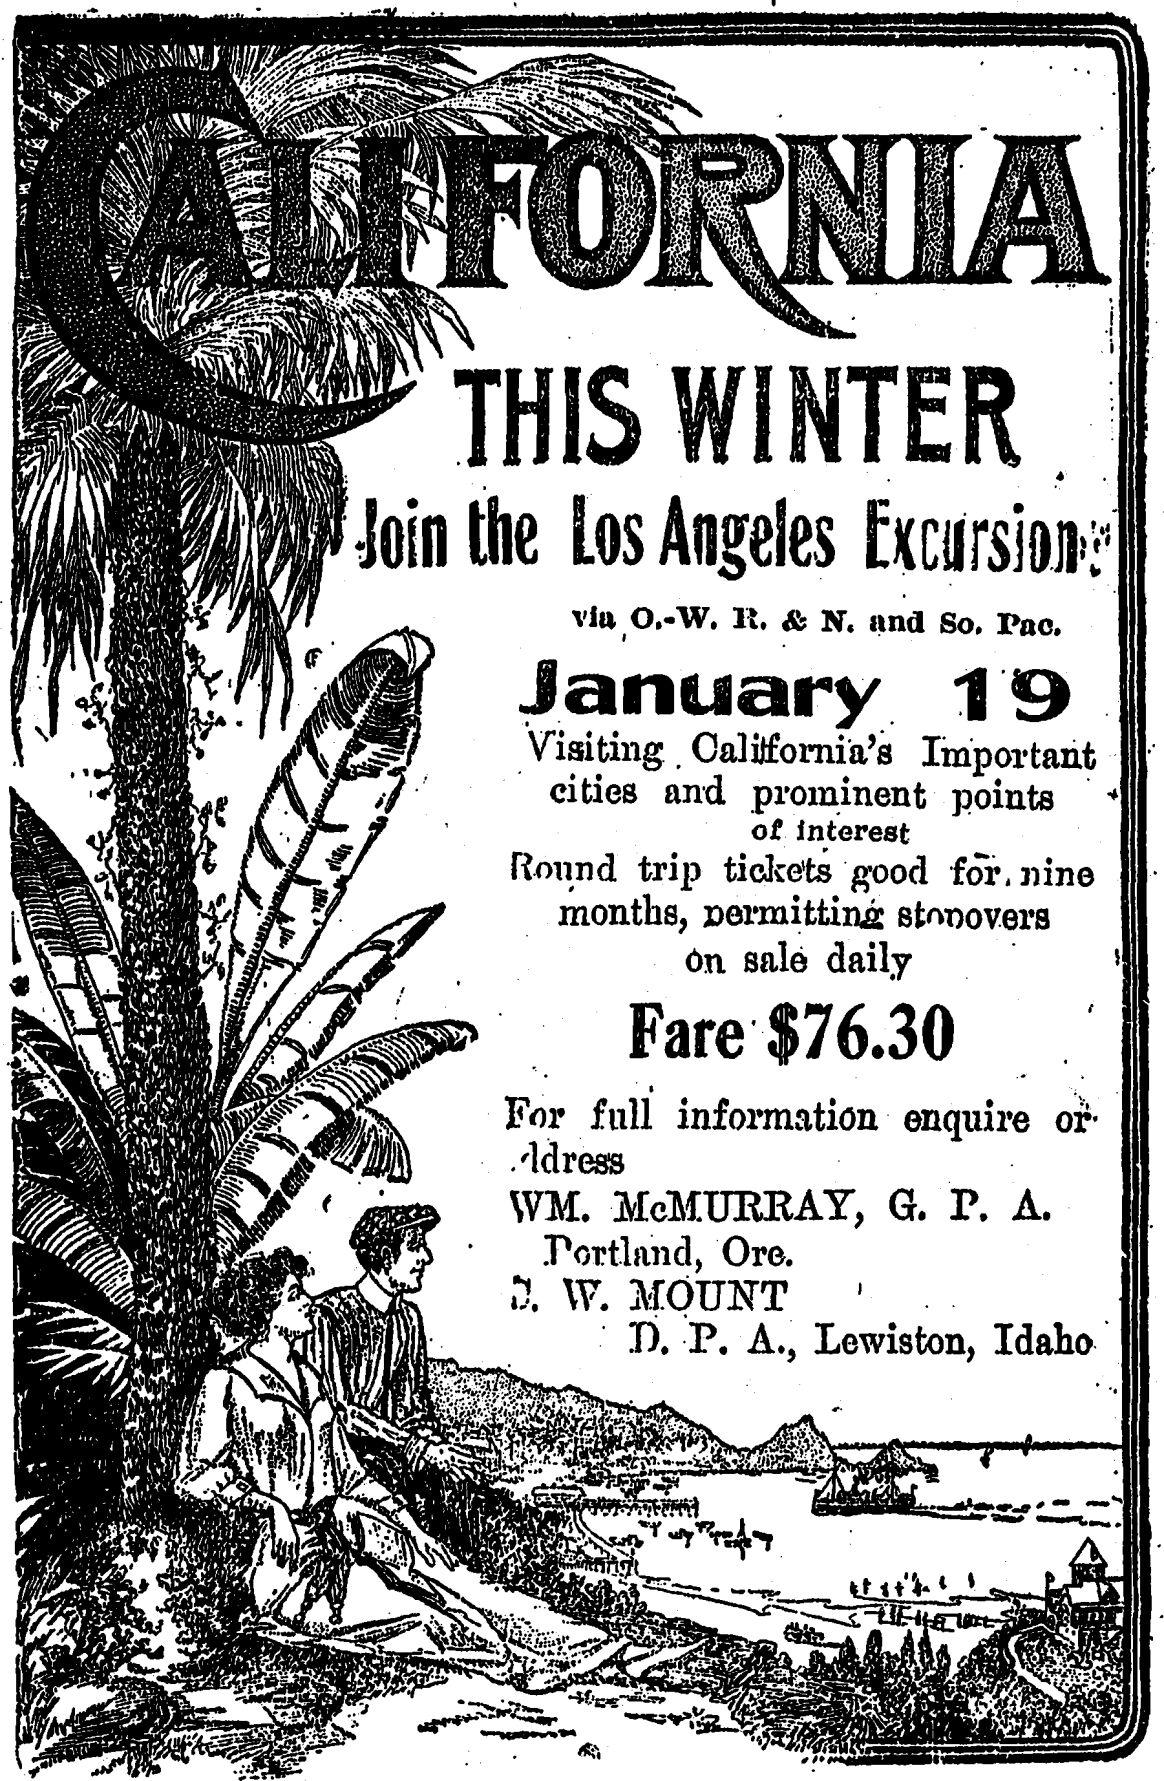 FB 01 04 1912 California.jpg